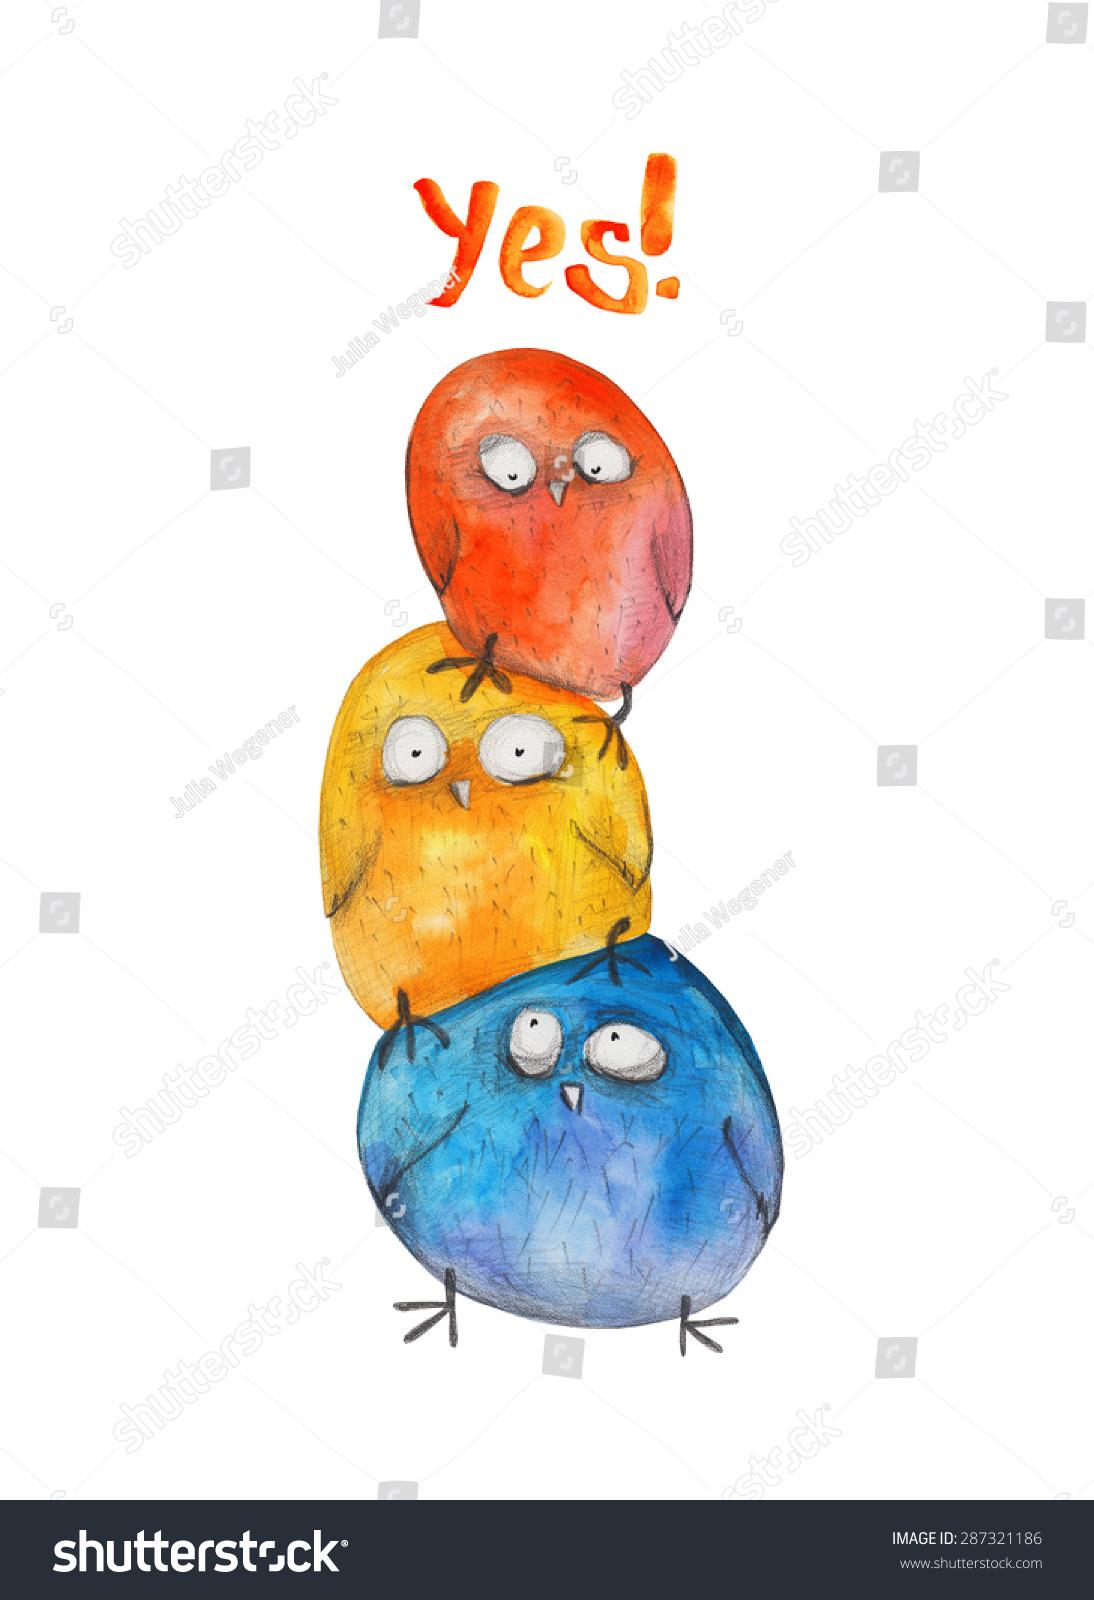 3鸟类金字塔.是的!水彩插图.手绘-动物/野生生物,艺术